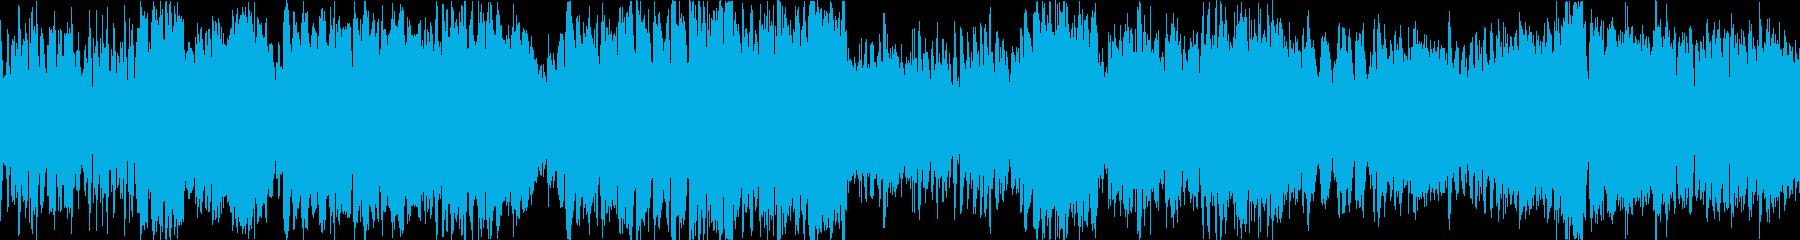 ブラスとストリングス戦闘曲(ショート版)の再生済みの波形